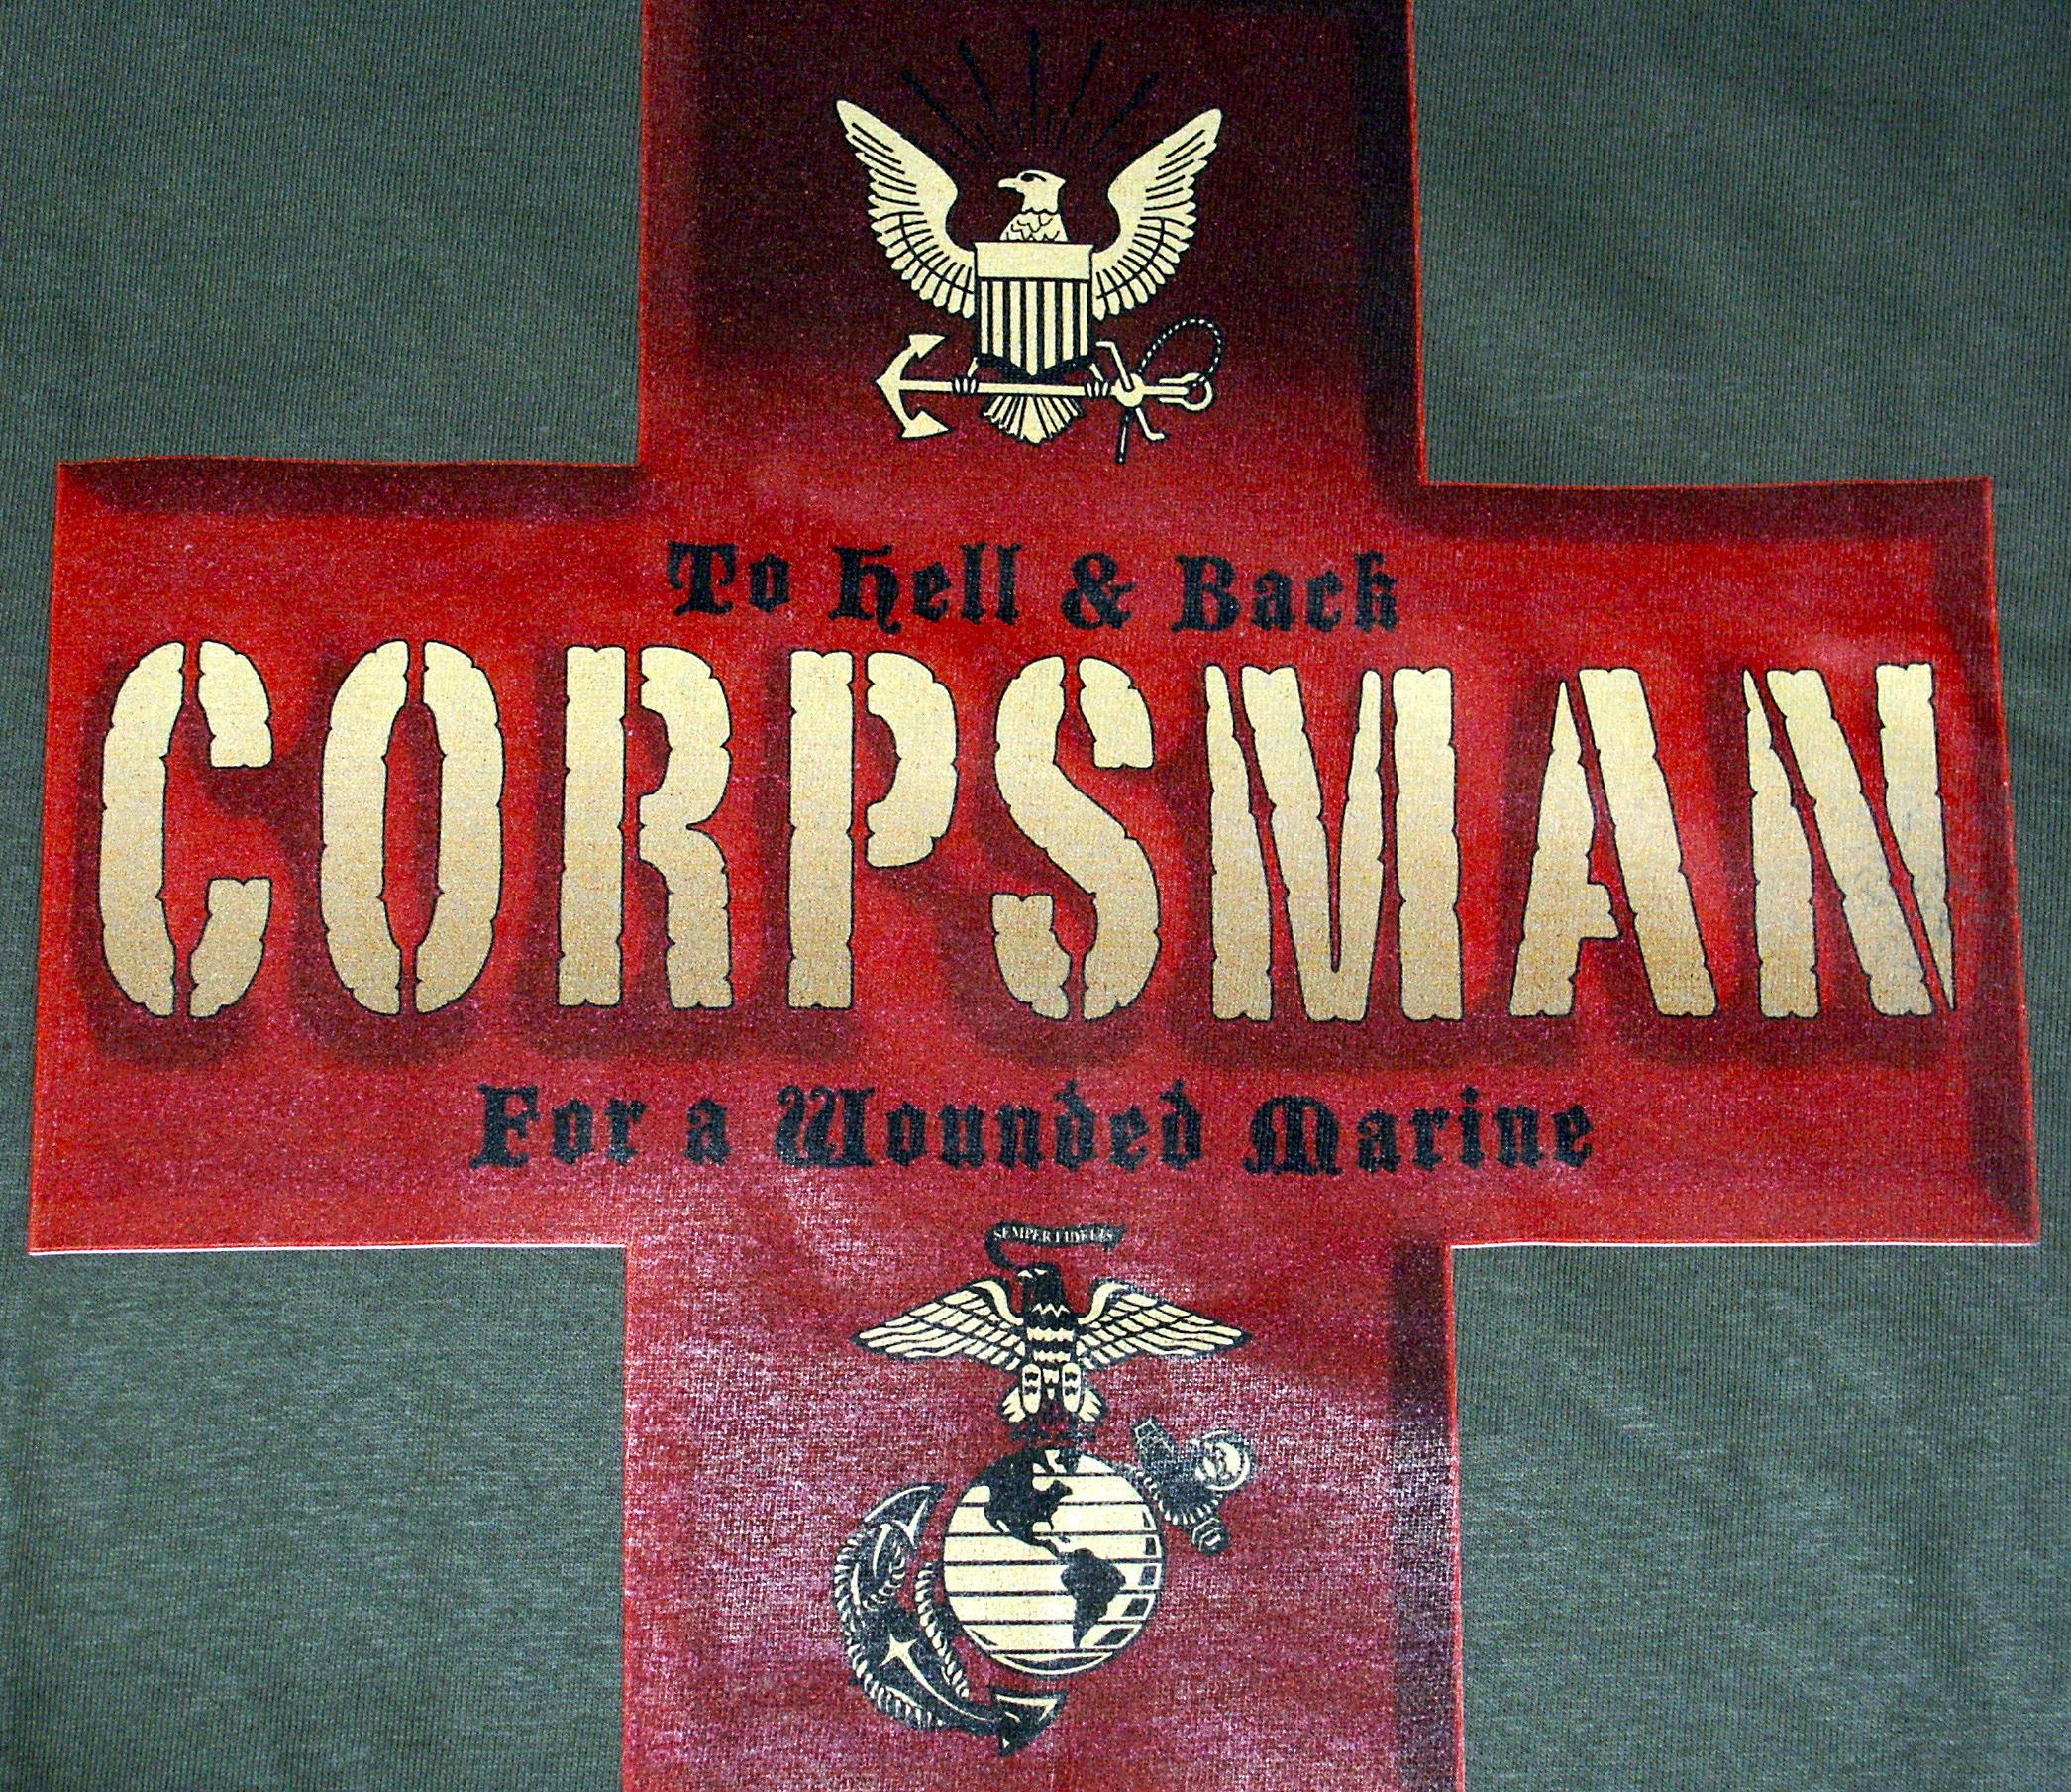 Adidas Logo Wallpaper Iphone Navy Hospital Corpsman Wallpaper Downloadwallpaper Org